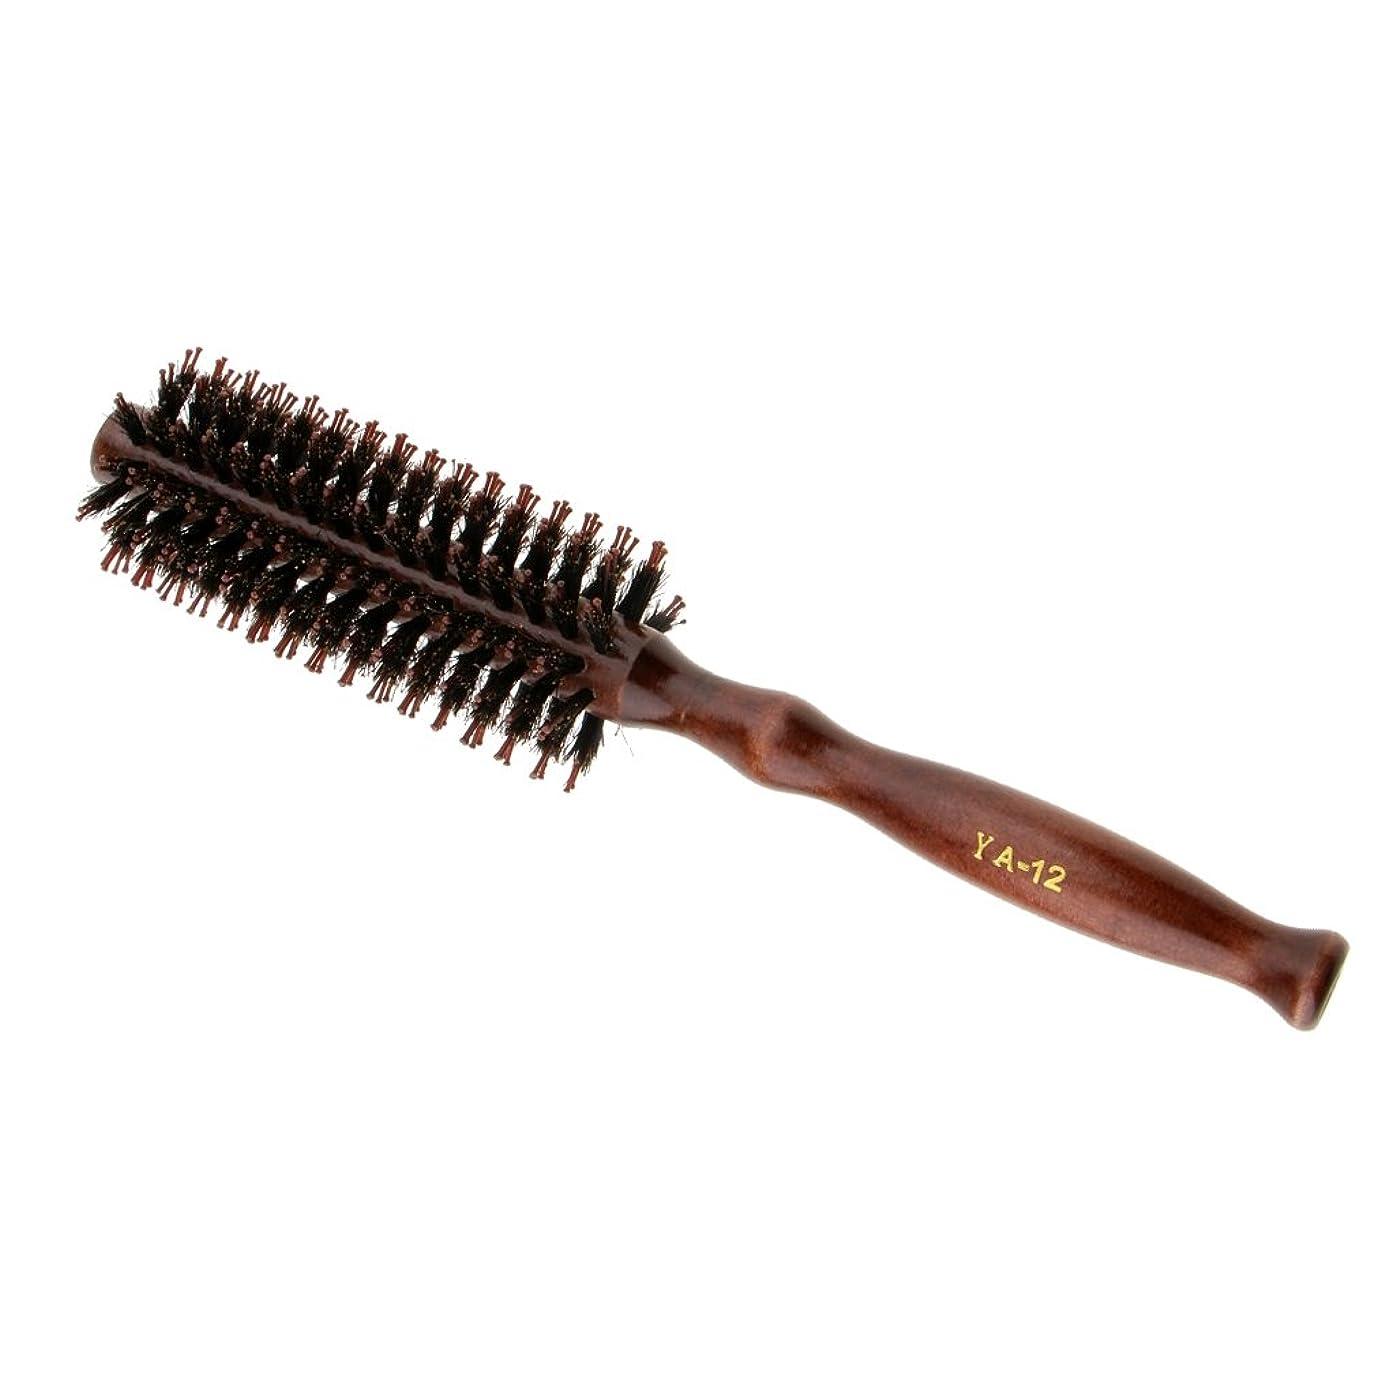 シェフ乱雑な然としたPerfeclan ロールブラシ ヘアブラシ カール 巻き髪 頭皮マッサージ ウッド ハンドル 理髪 カール 2タイプ選べる - #2